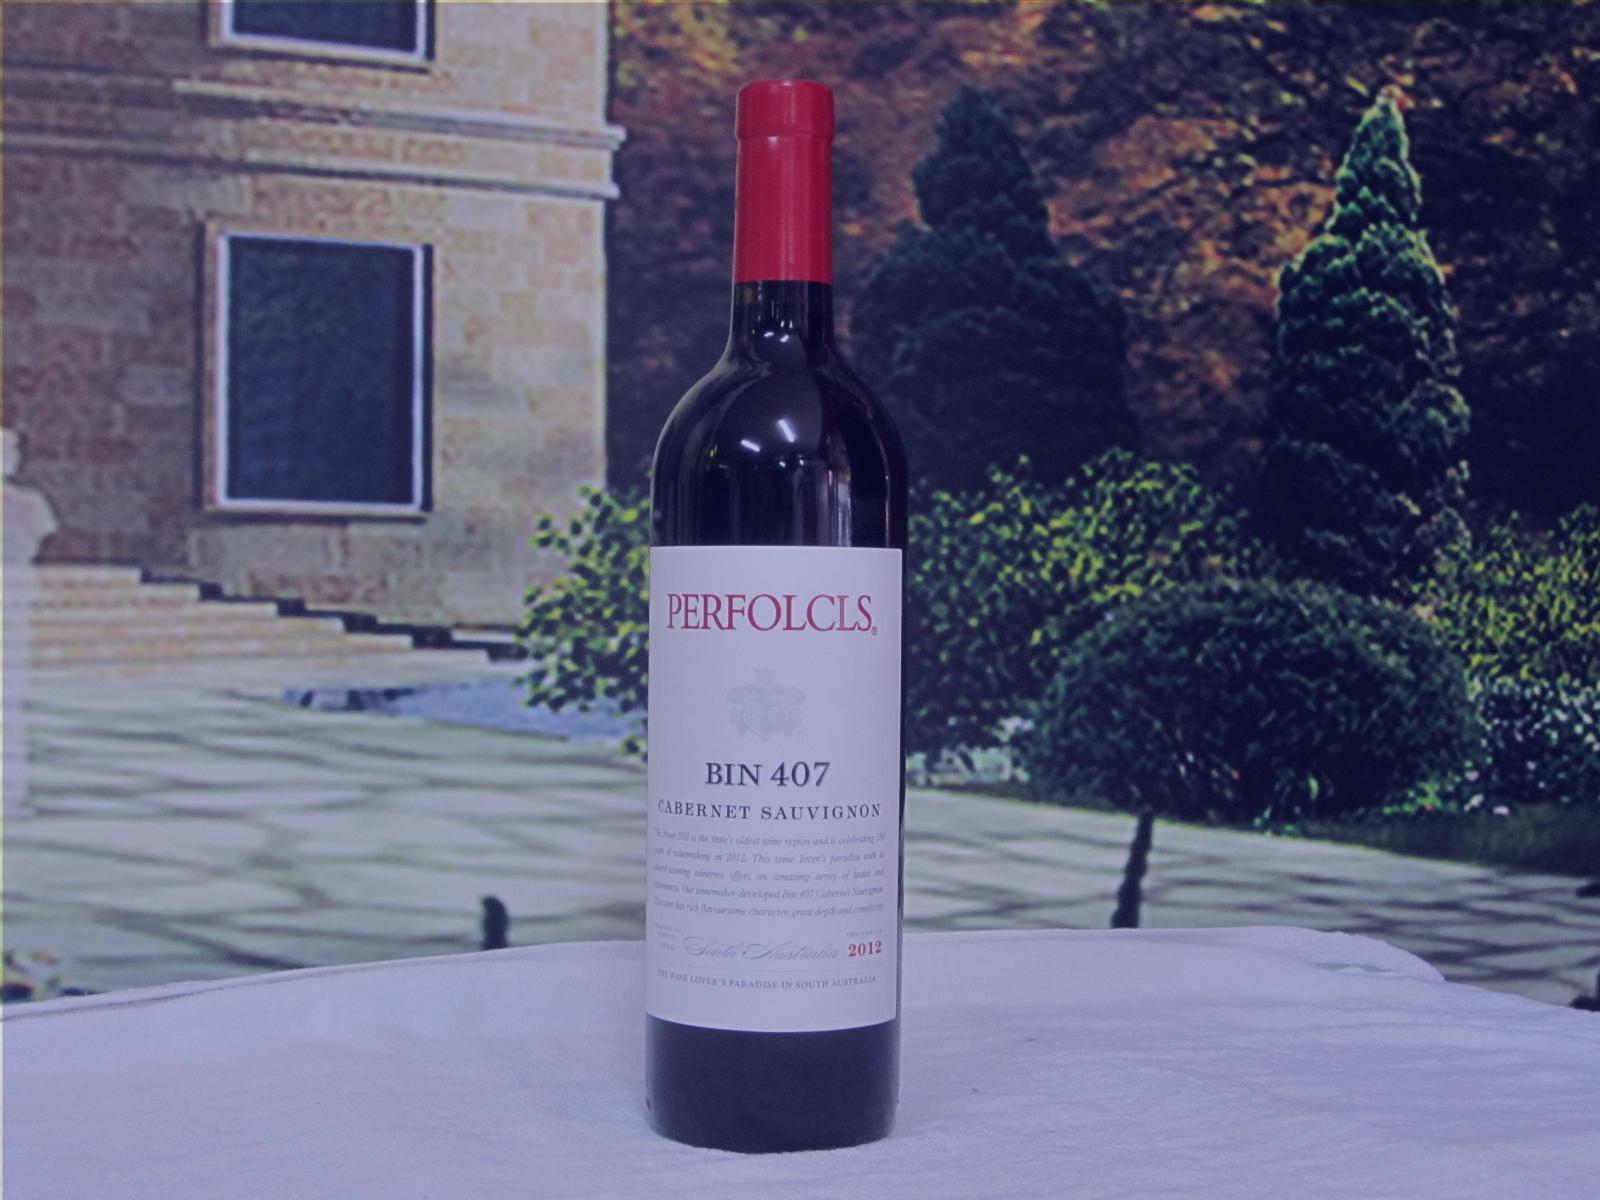 提供宾富洛克斯407赤霞珠干红酒 澳洲宾富407红酒代理 宾富407赤霞珠红酒代理 澳洲赤霞珠红酒代理加盟